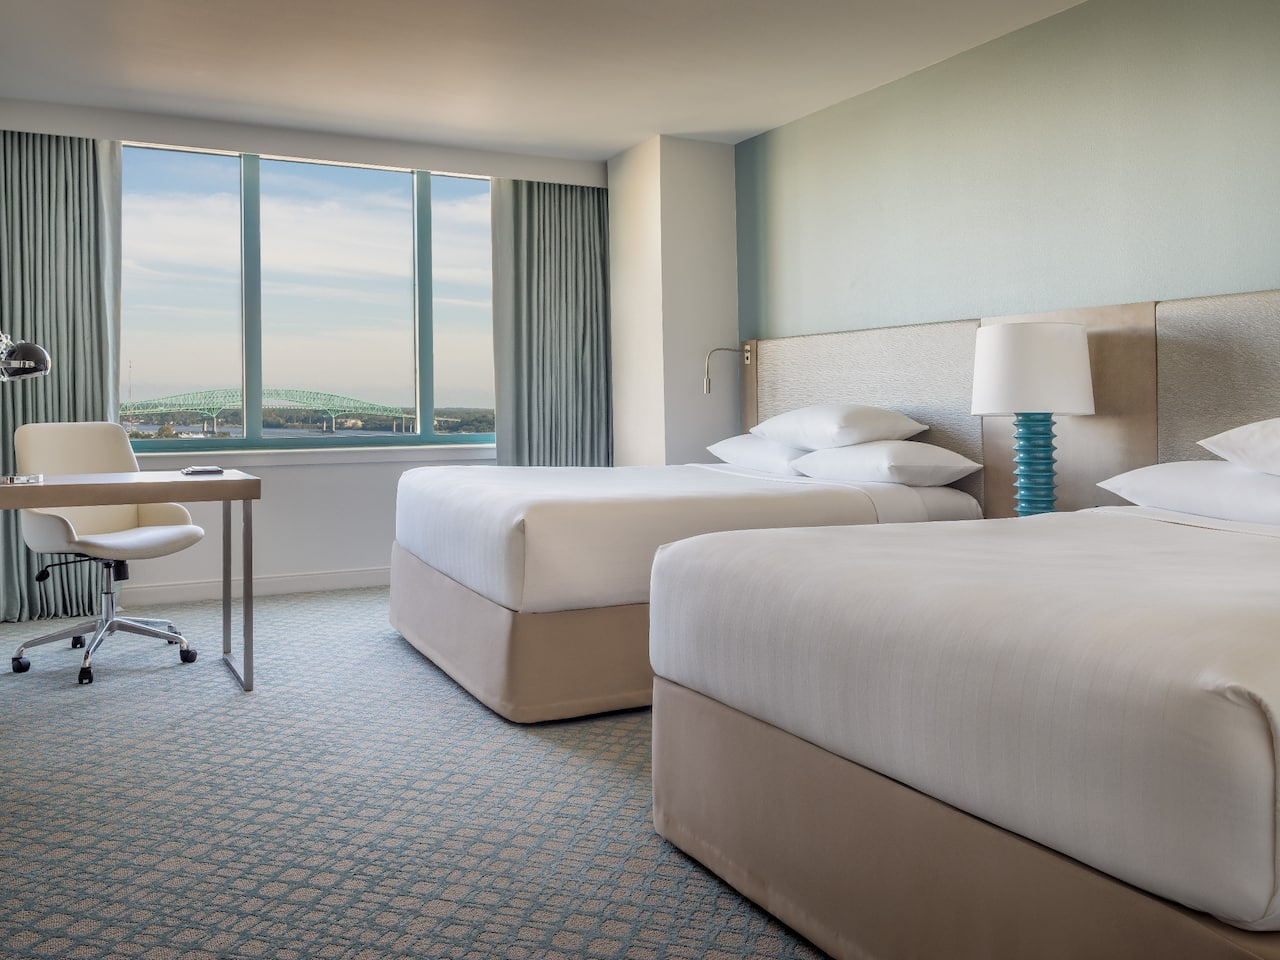 Double Room Hyatt Regency Jacksonville Riverfront